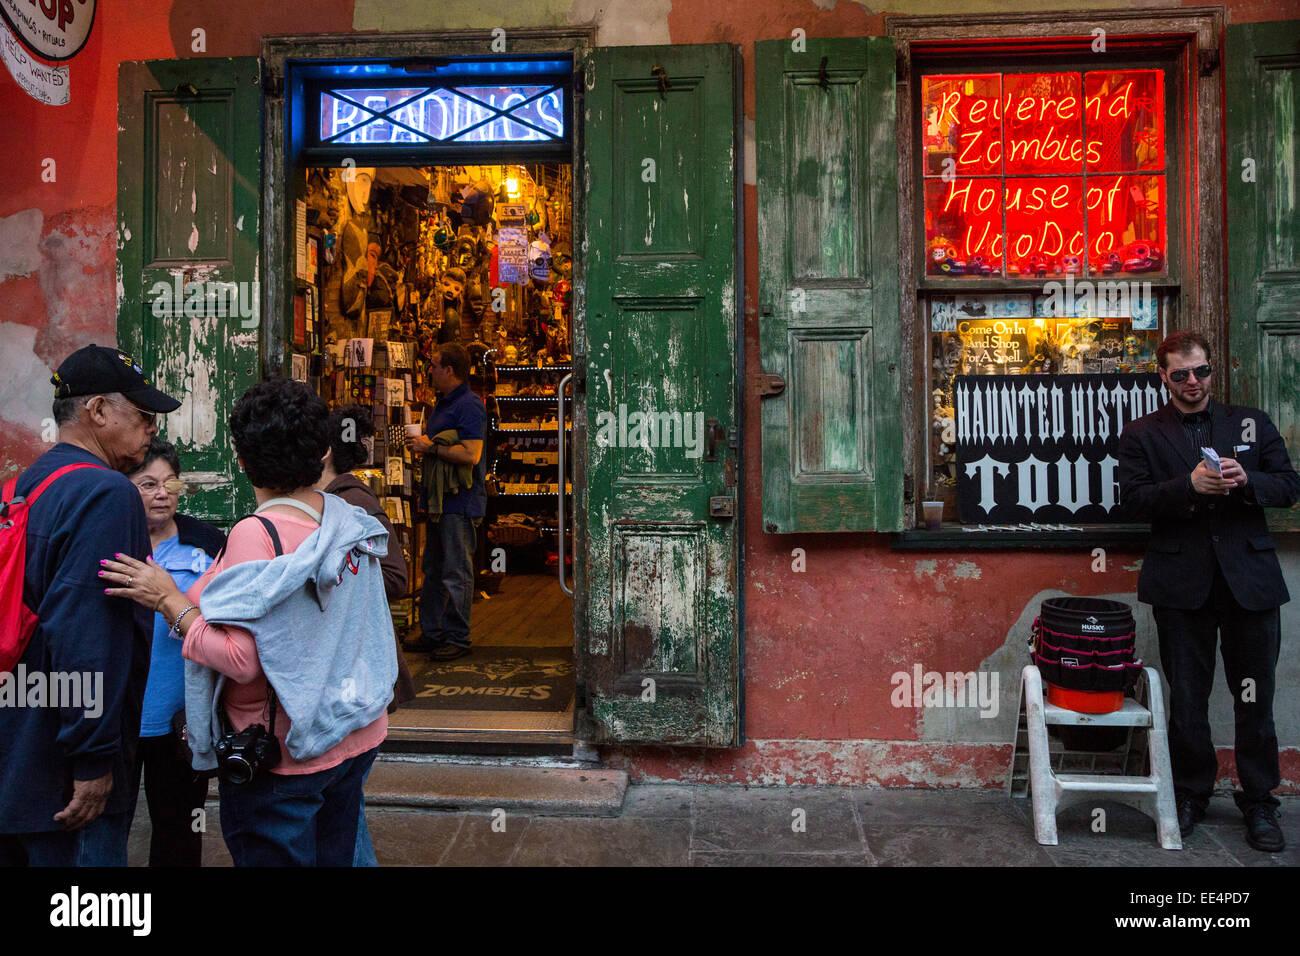 French Quarter, New Orleans, Louisiana.  Okkulten Souvenir-Shop, Haunted House Tours.  Lesungen, Haus des Voodoo. Stockbild